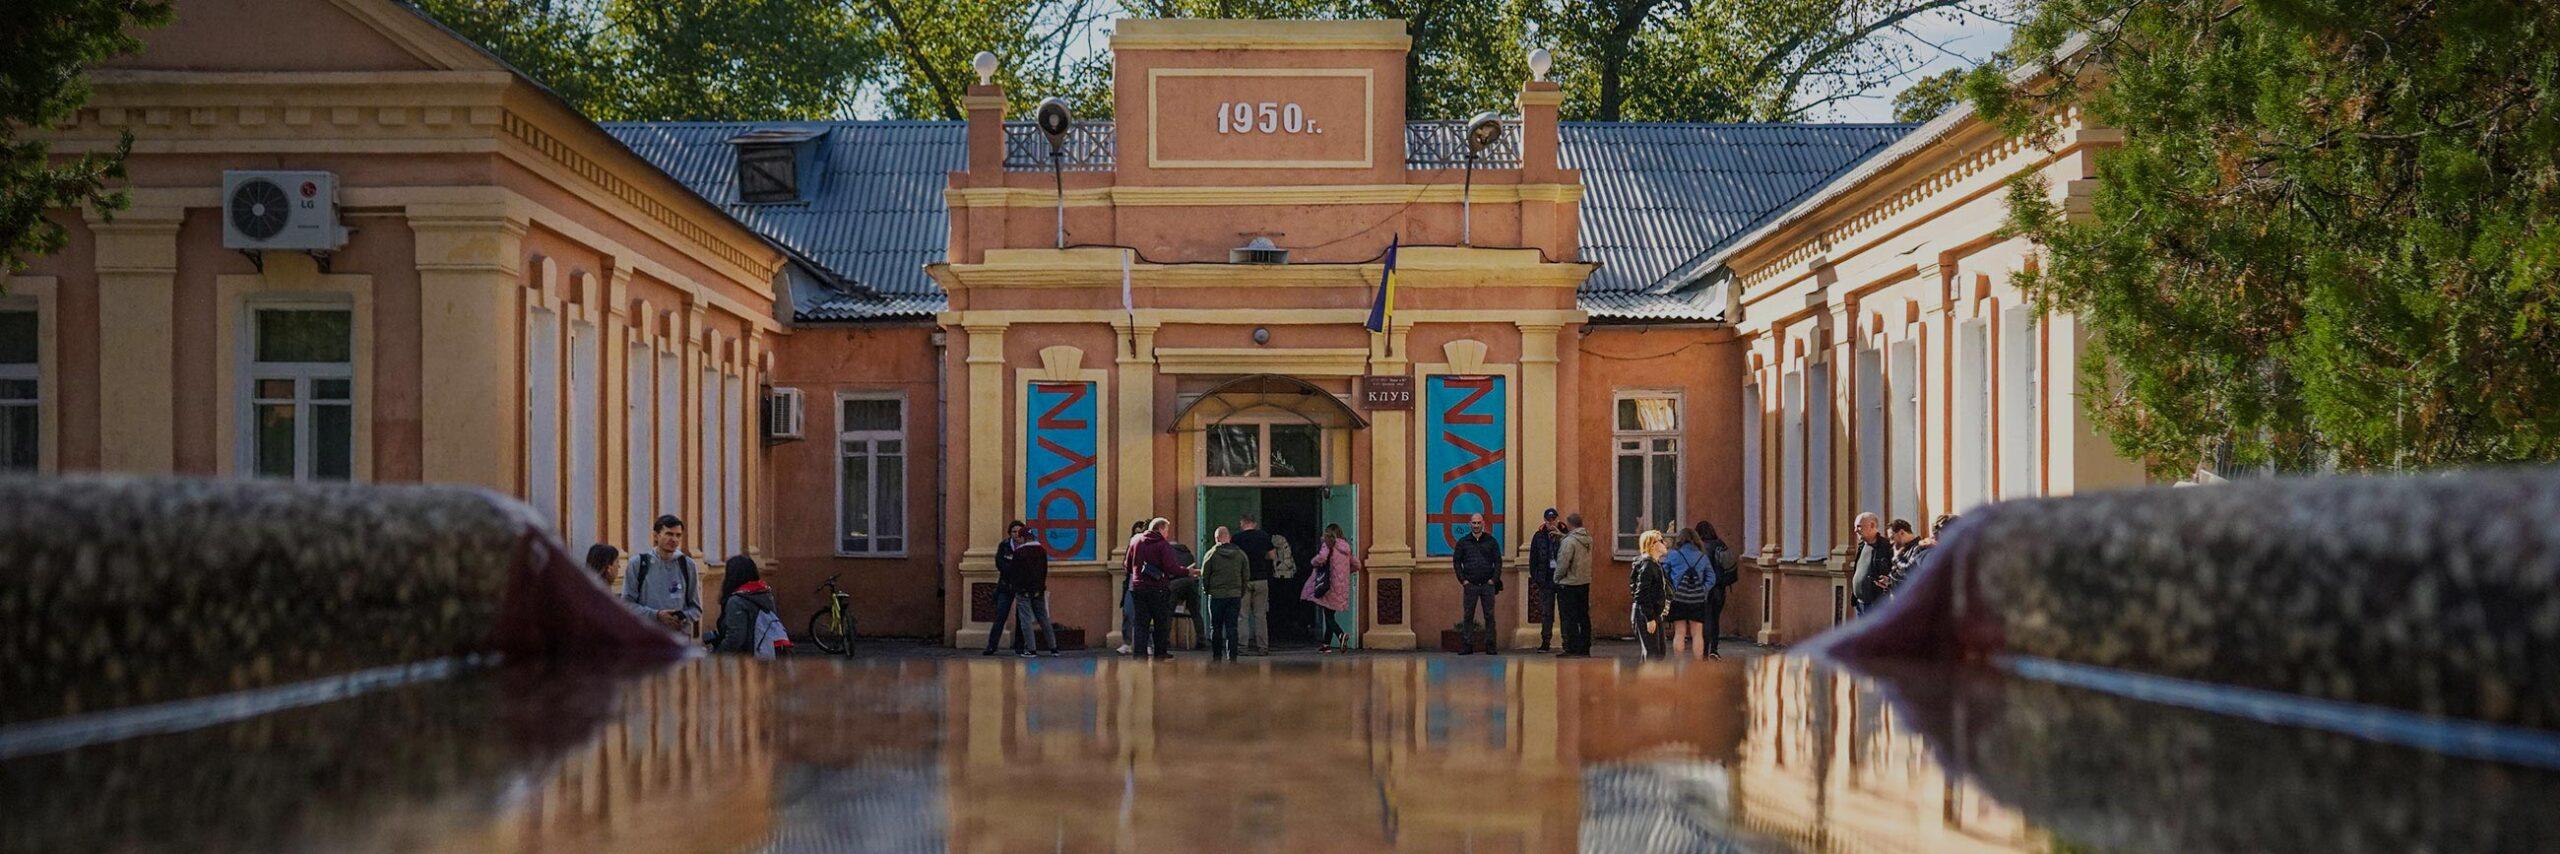 Пгт Нью-Йорк вне себя. Поселку на Донбассе вернули историческое название — и это запустило процесс перемен